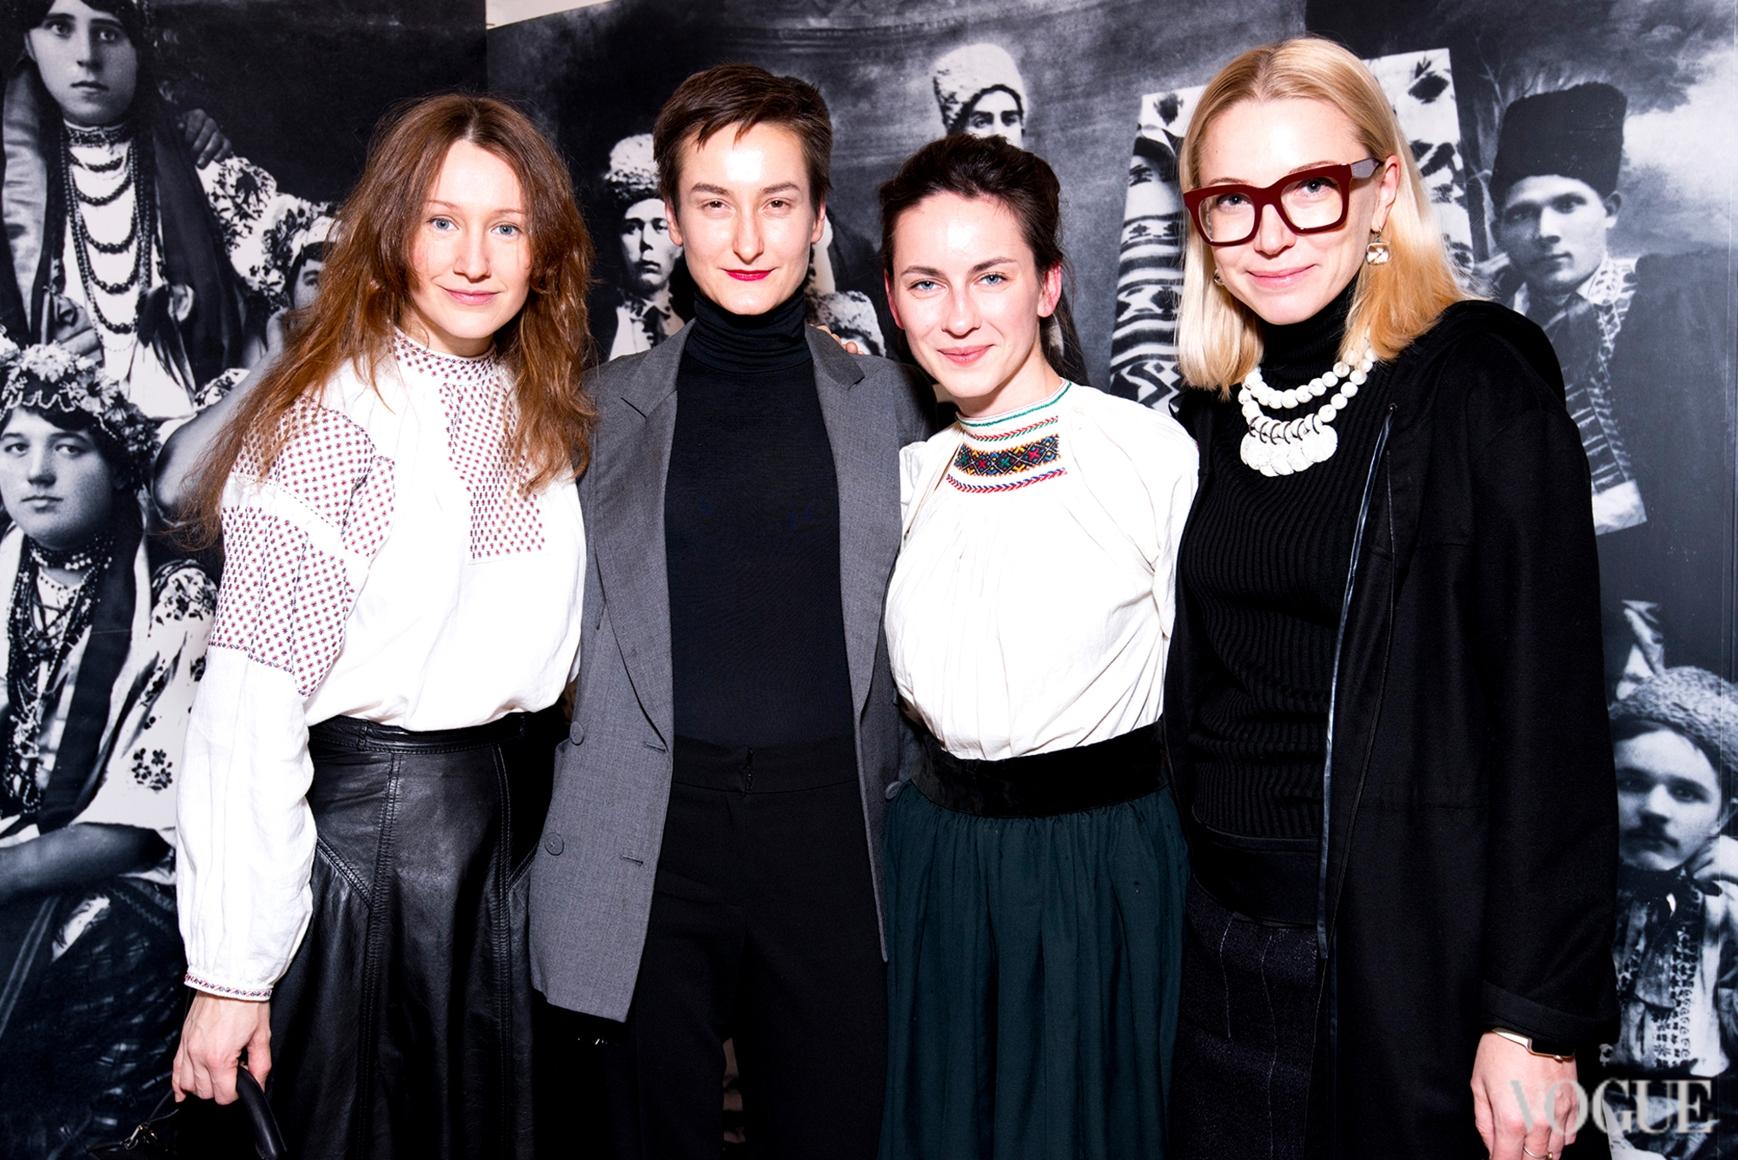 Василина Врублевская, Татьяна Соловей и Ира Каравай (справа)